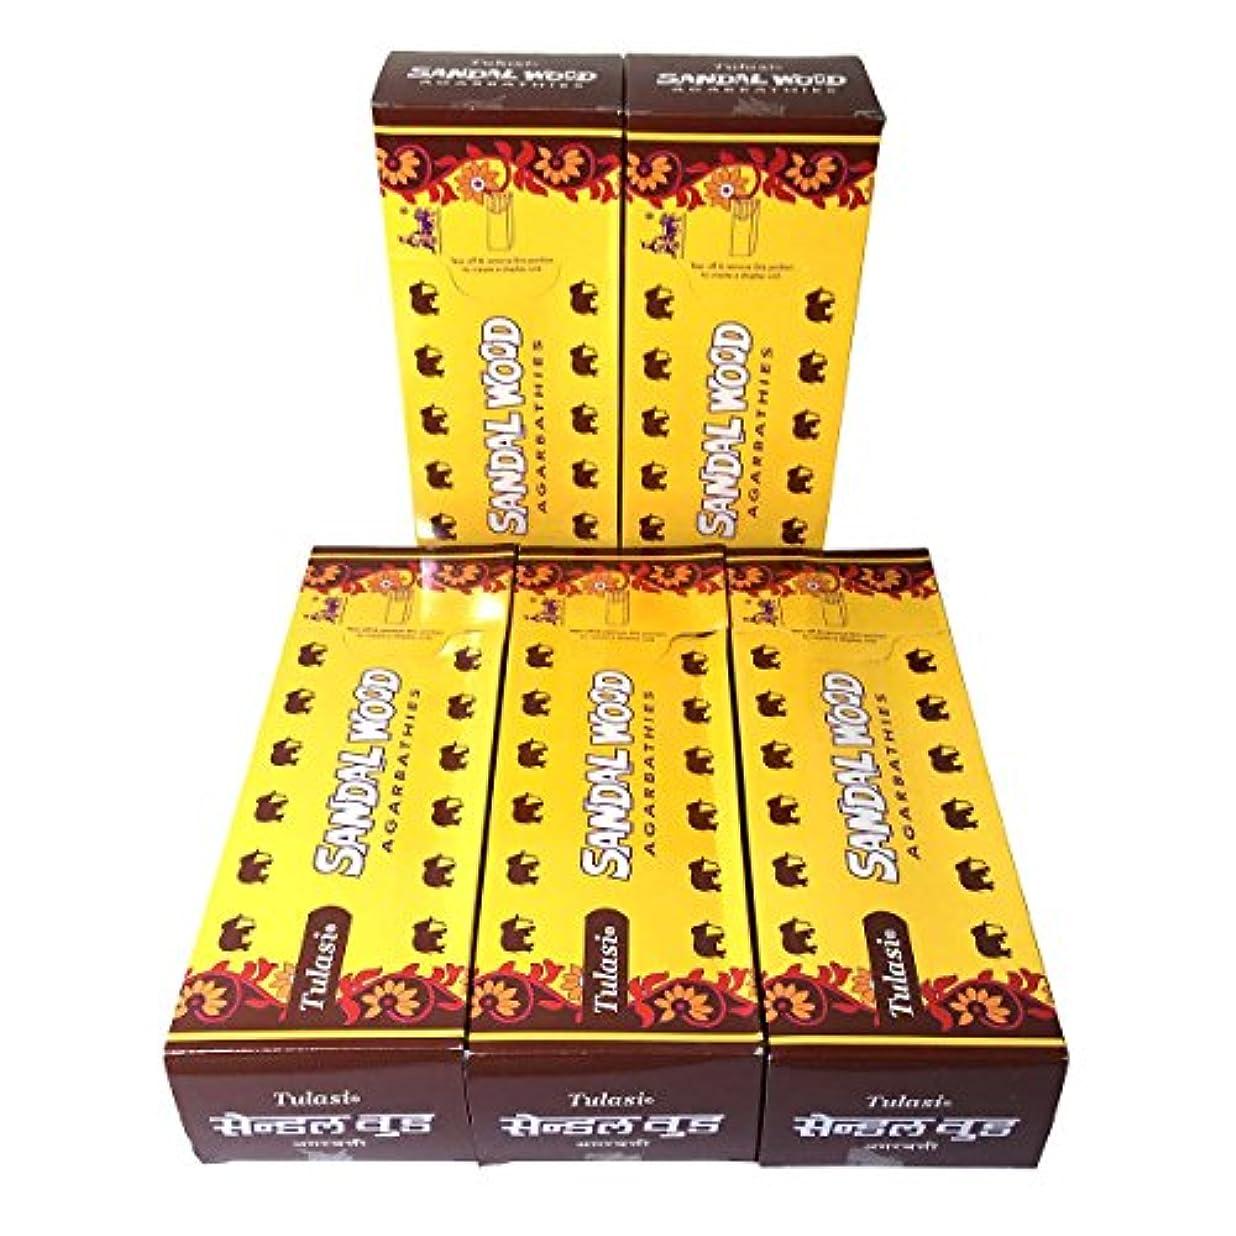 作り靄トマトサンダルウッド香スティック 5BOX(30箱)/TULASI SANDAL WOOD/ インド香 / 送料無料 [並行輸入品]